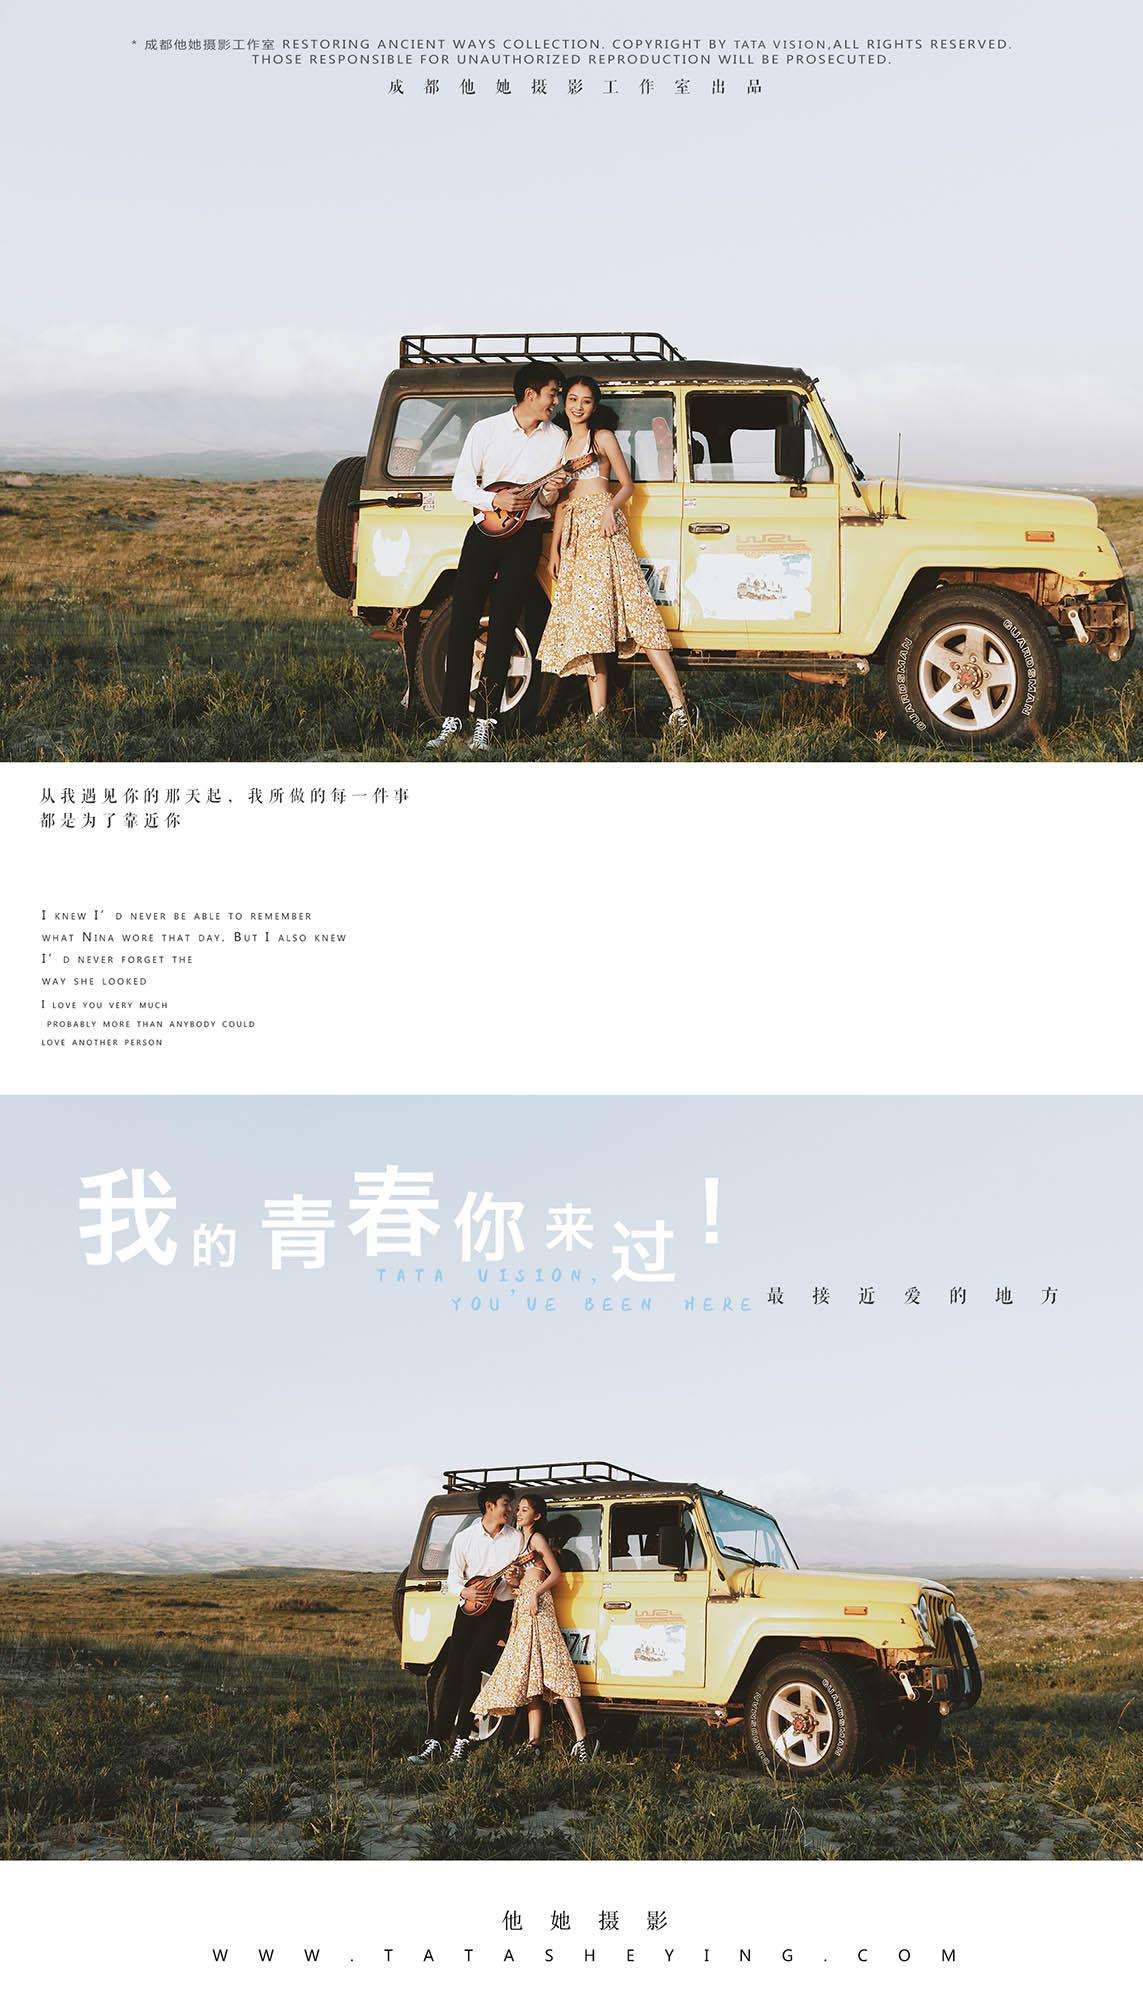 青海旅拍  旅拍婚纱照  创意时尚婚纱照  成都婚纱照